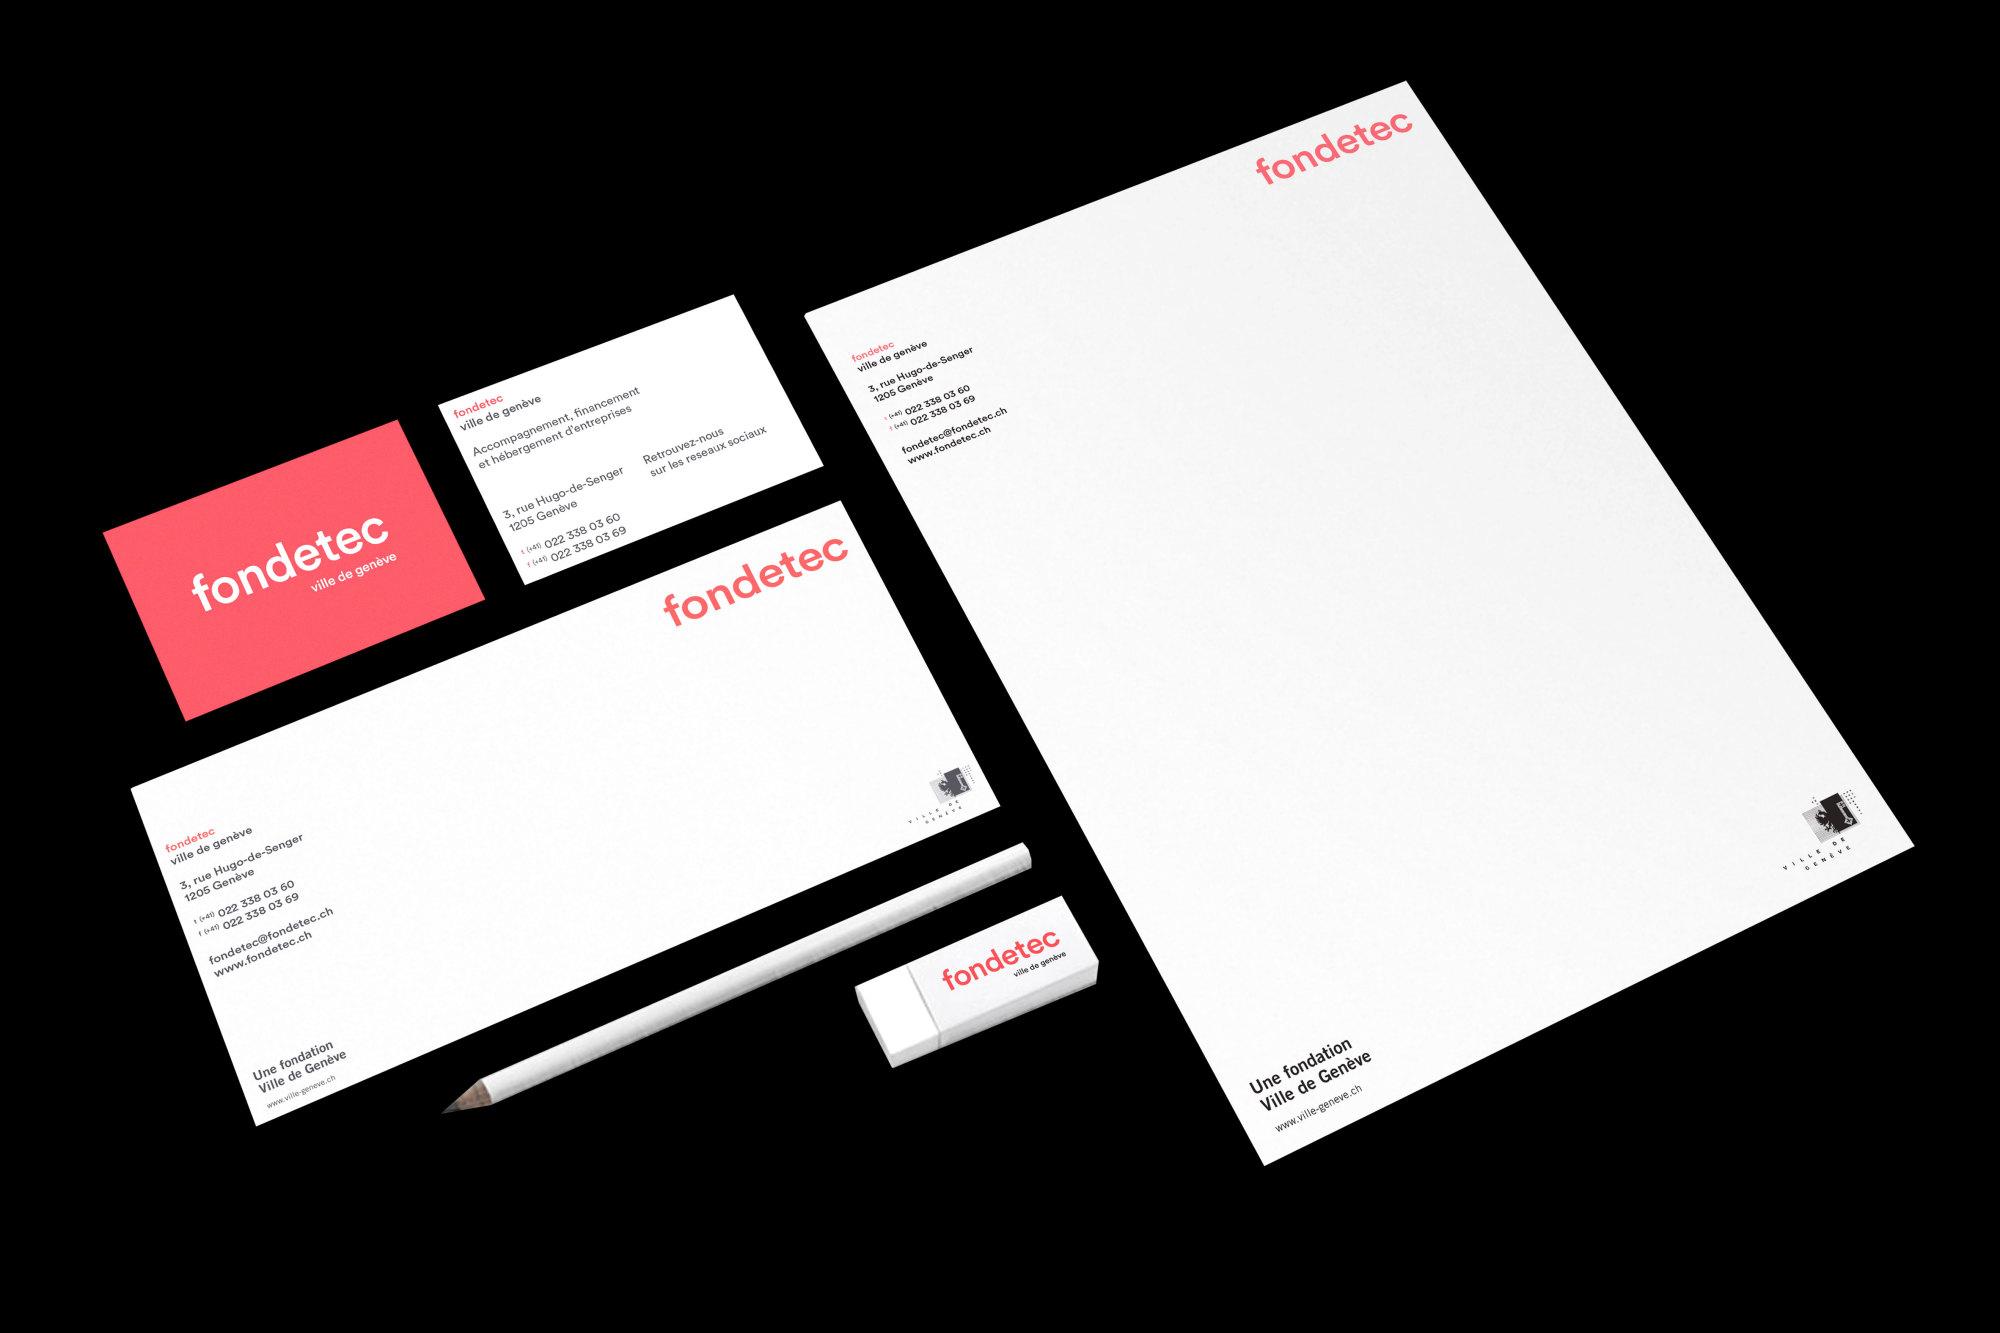 Graphisme Geneve graphic design graphique direction artistique logo identité visuelle identity branding brand fondetec fondation ville de geneve financement  papeterie